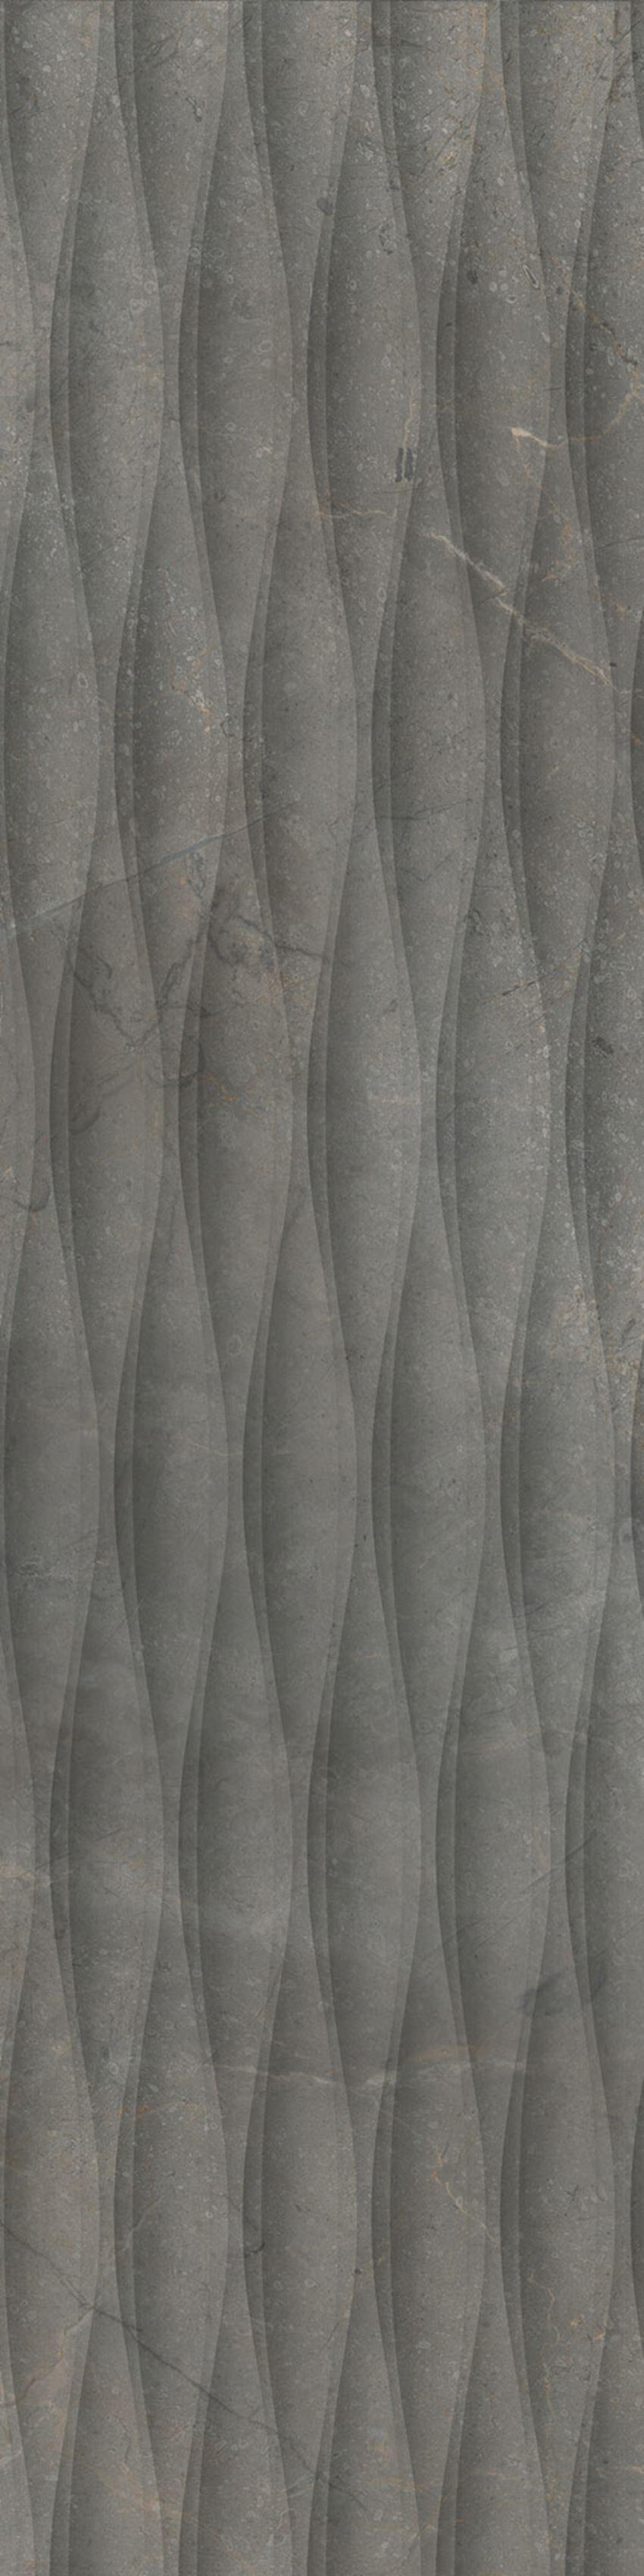 Płytka dekoracyjna 29,7x119,7 cm Cerrad Masterstone Graphite Decor waves MAT